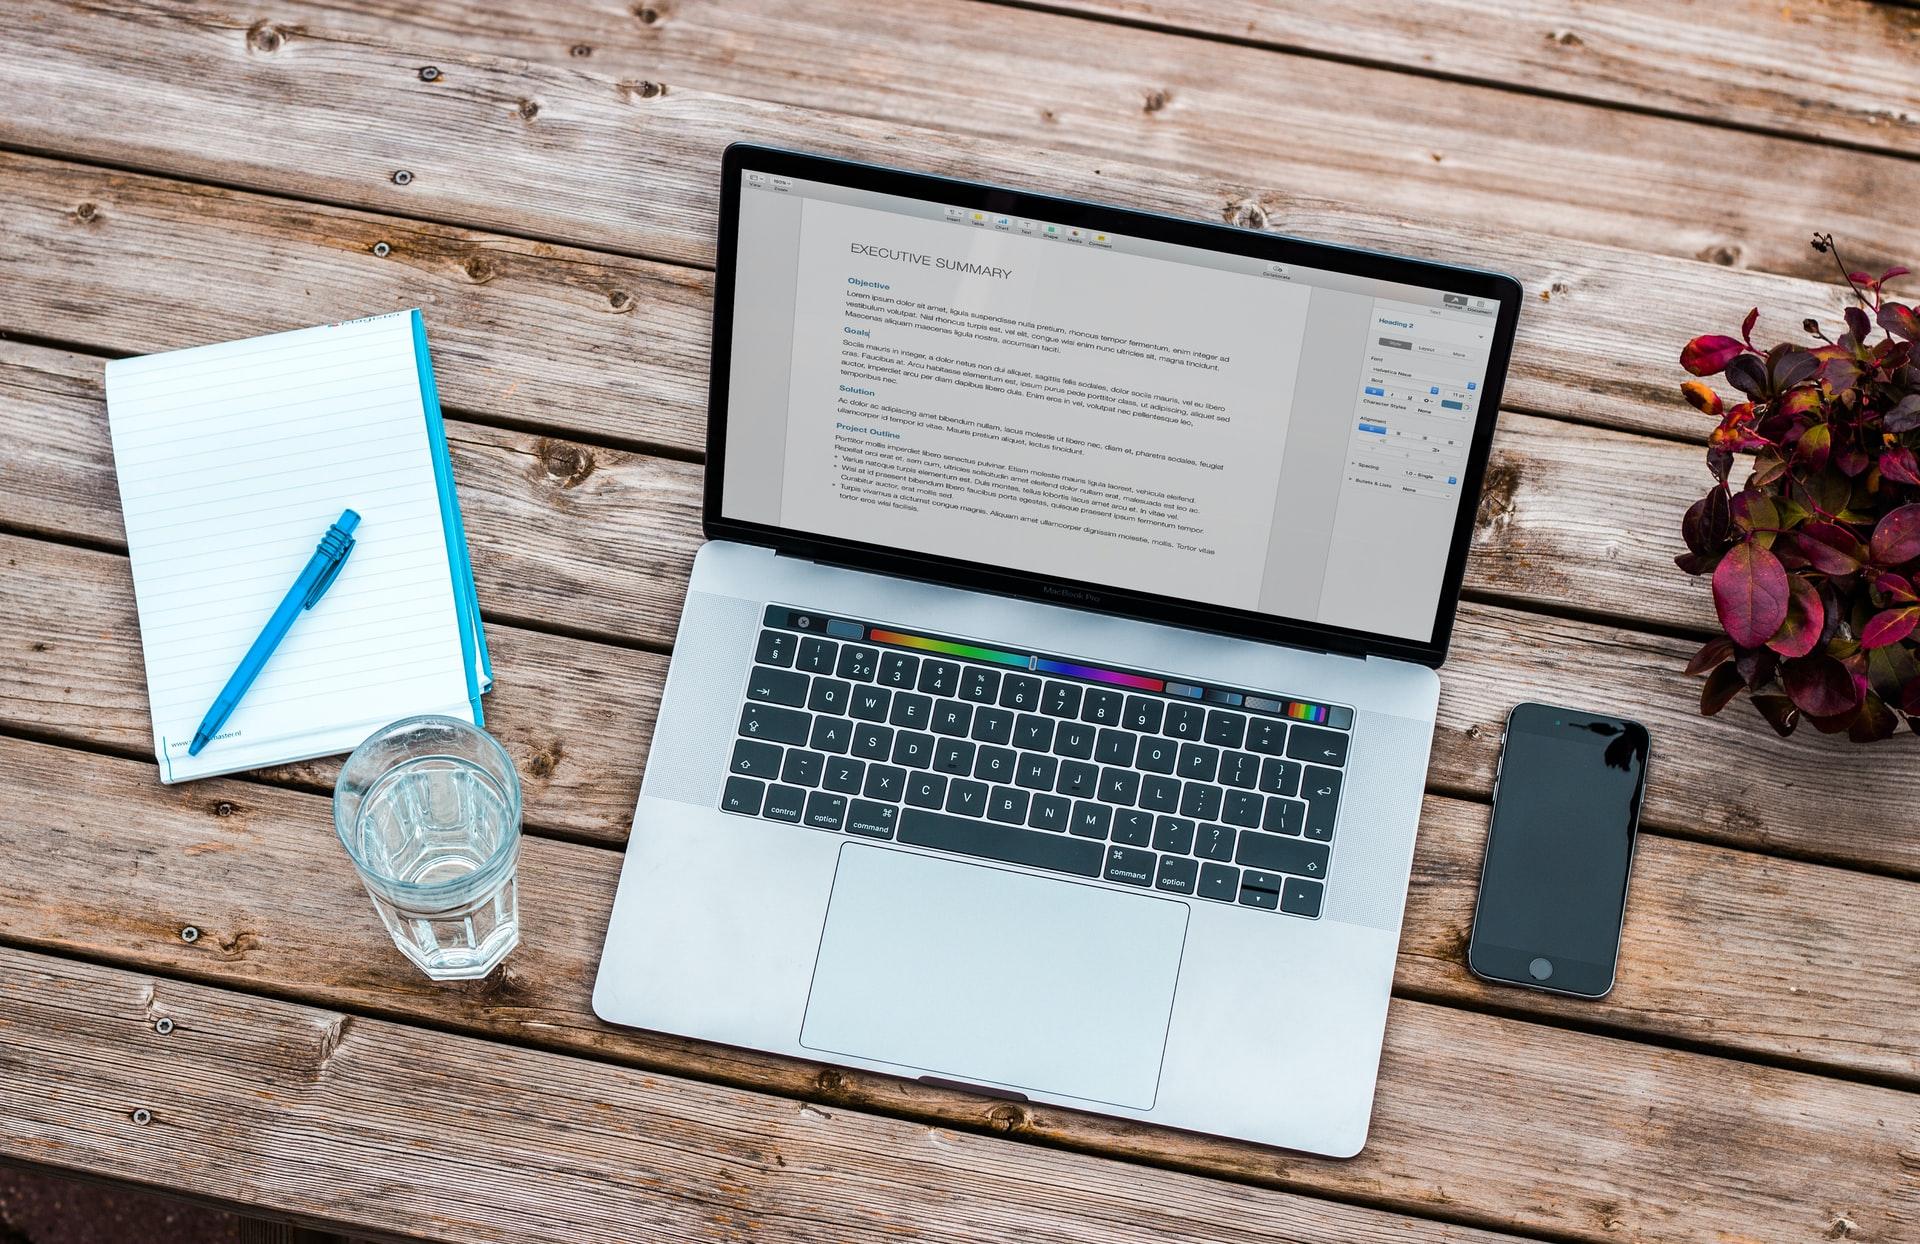 机に置かれたノートパソコンとノート